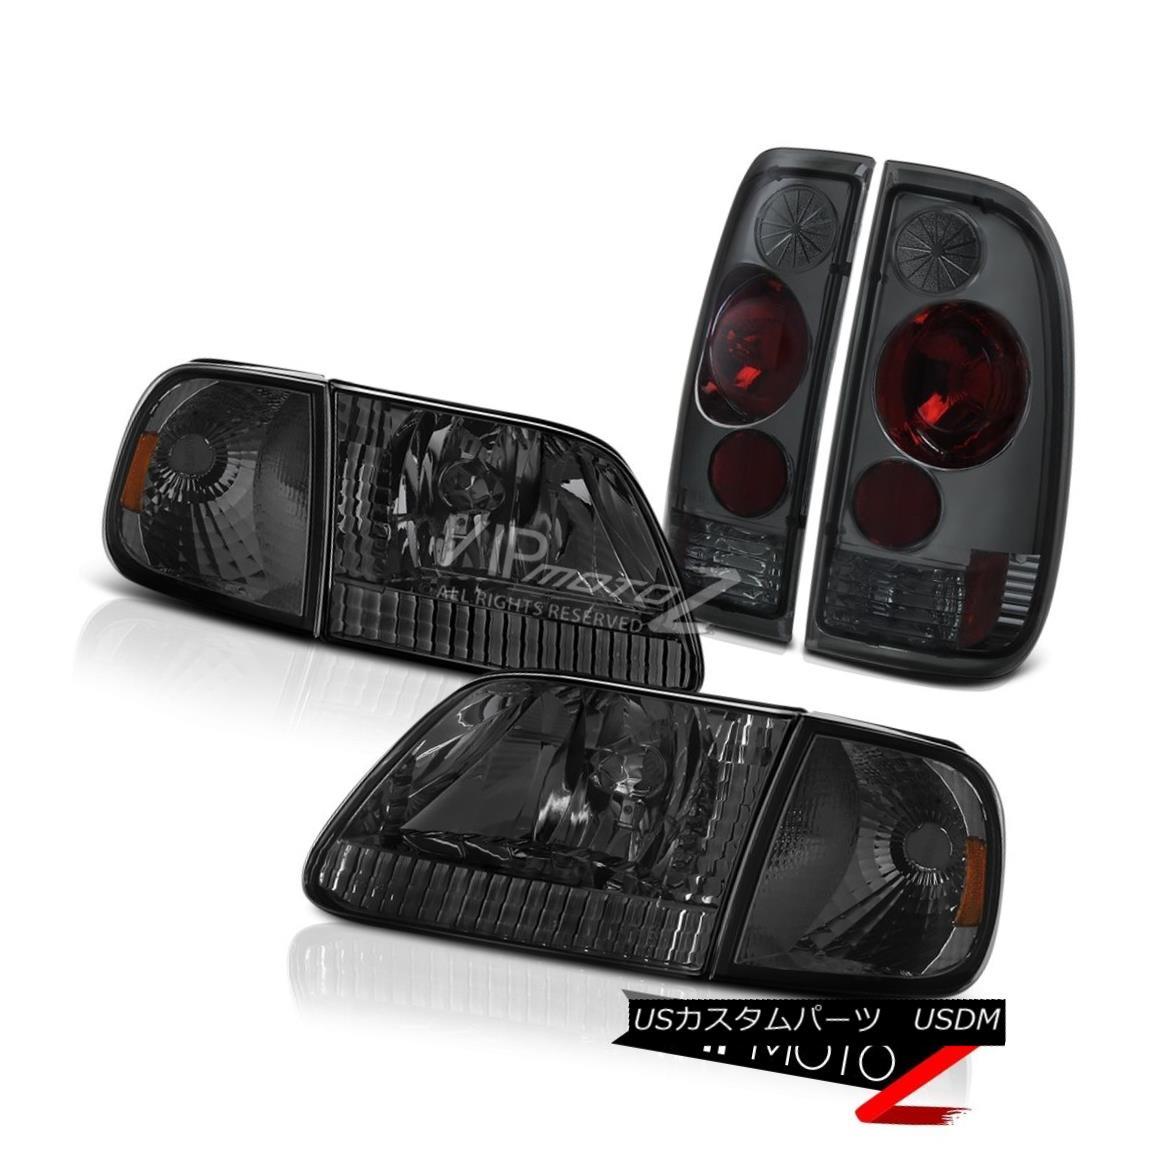 ヘッドライト 97 98 99 00 01 02 03 Ford F150 Darkest Smoke Corner+Headlights Brake Tail Lights 97 98 99 00 01 02 03 Ford F150最も暗い煙のコーナー+ Headlig  htsブレーキテールライト